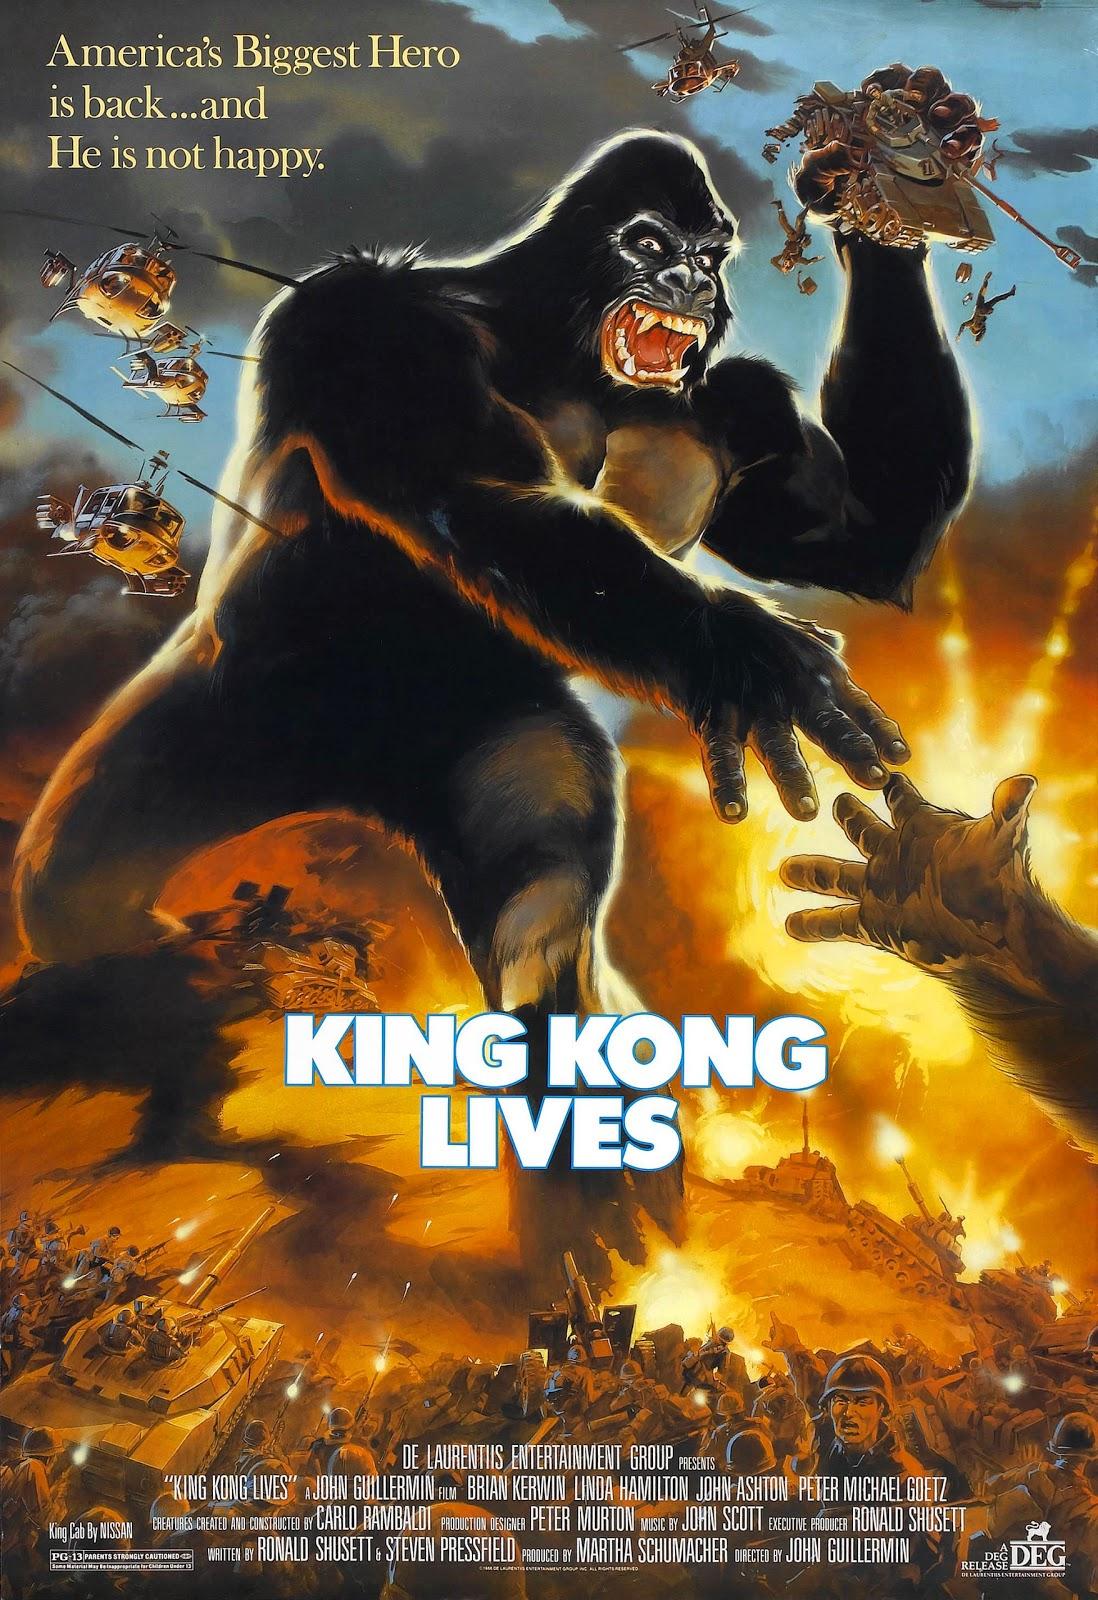 http://1.bp.blogspot.com/-tkS5crkKkiE/T46Uqic5vMI/AAAAAAAAEPs/nfssf5ZfJno/s1600/King+Kong+Lives+POSTER.jpg